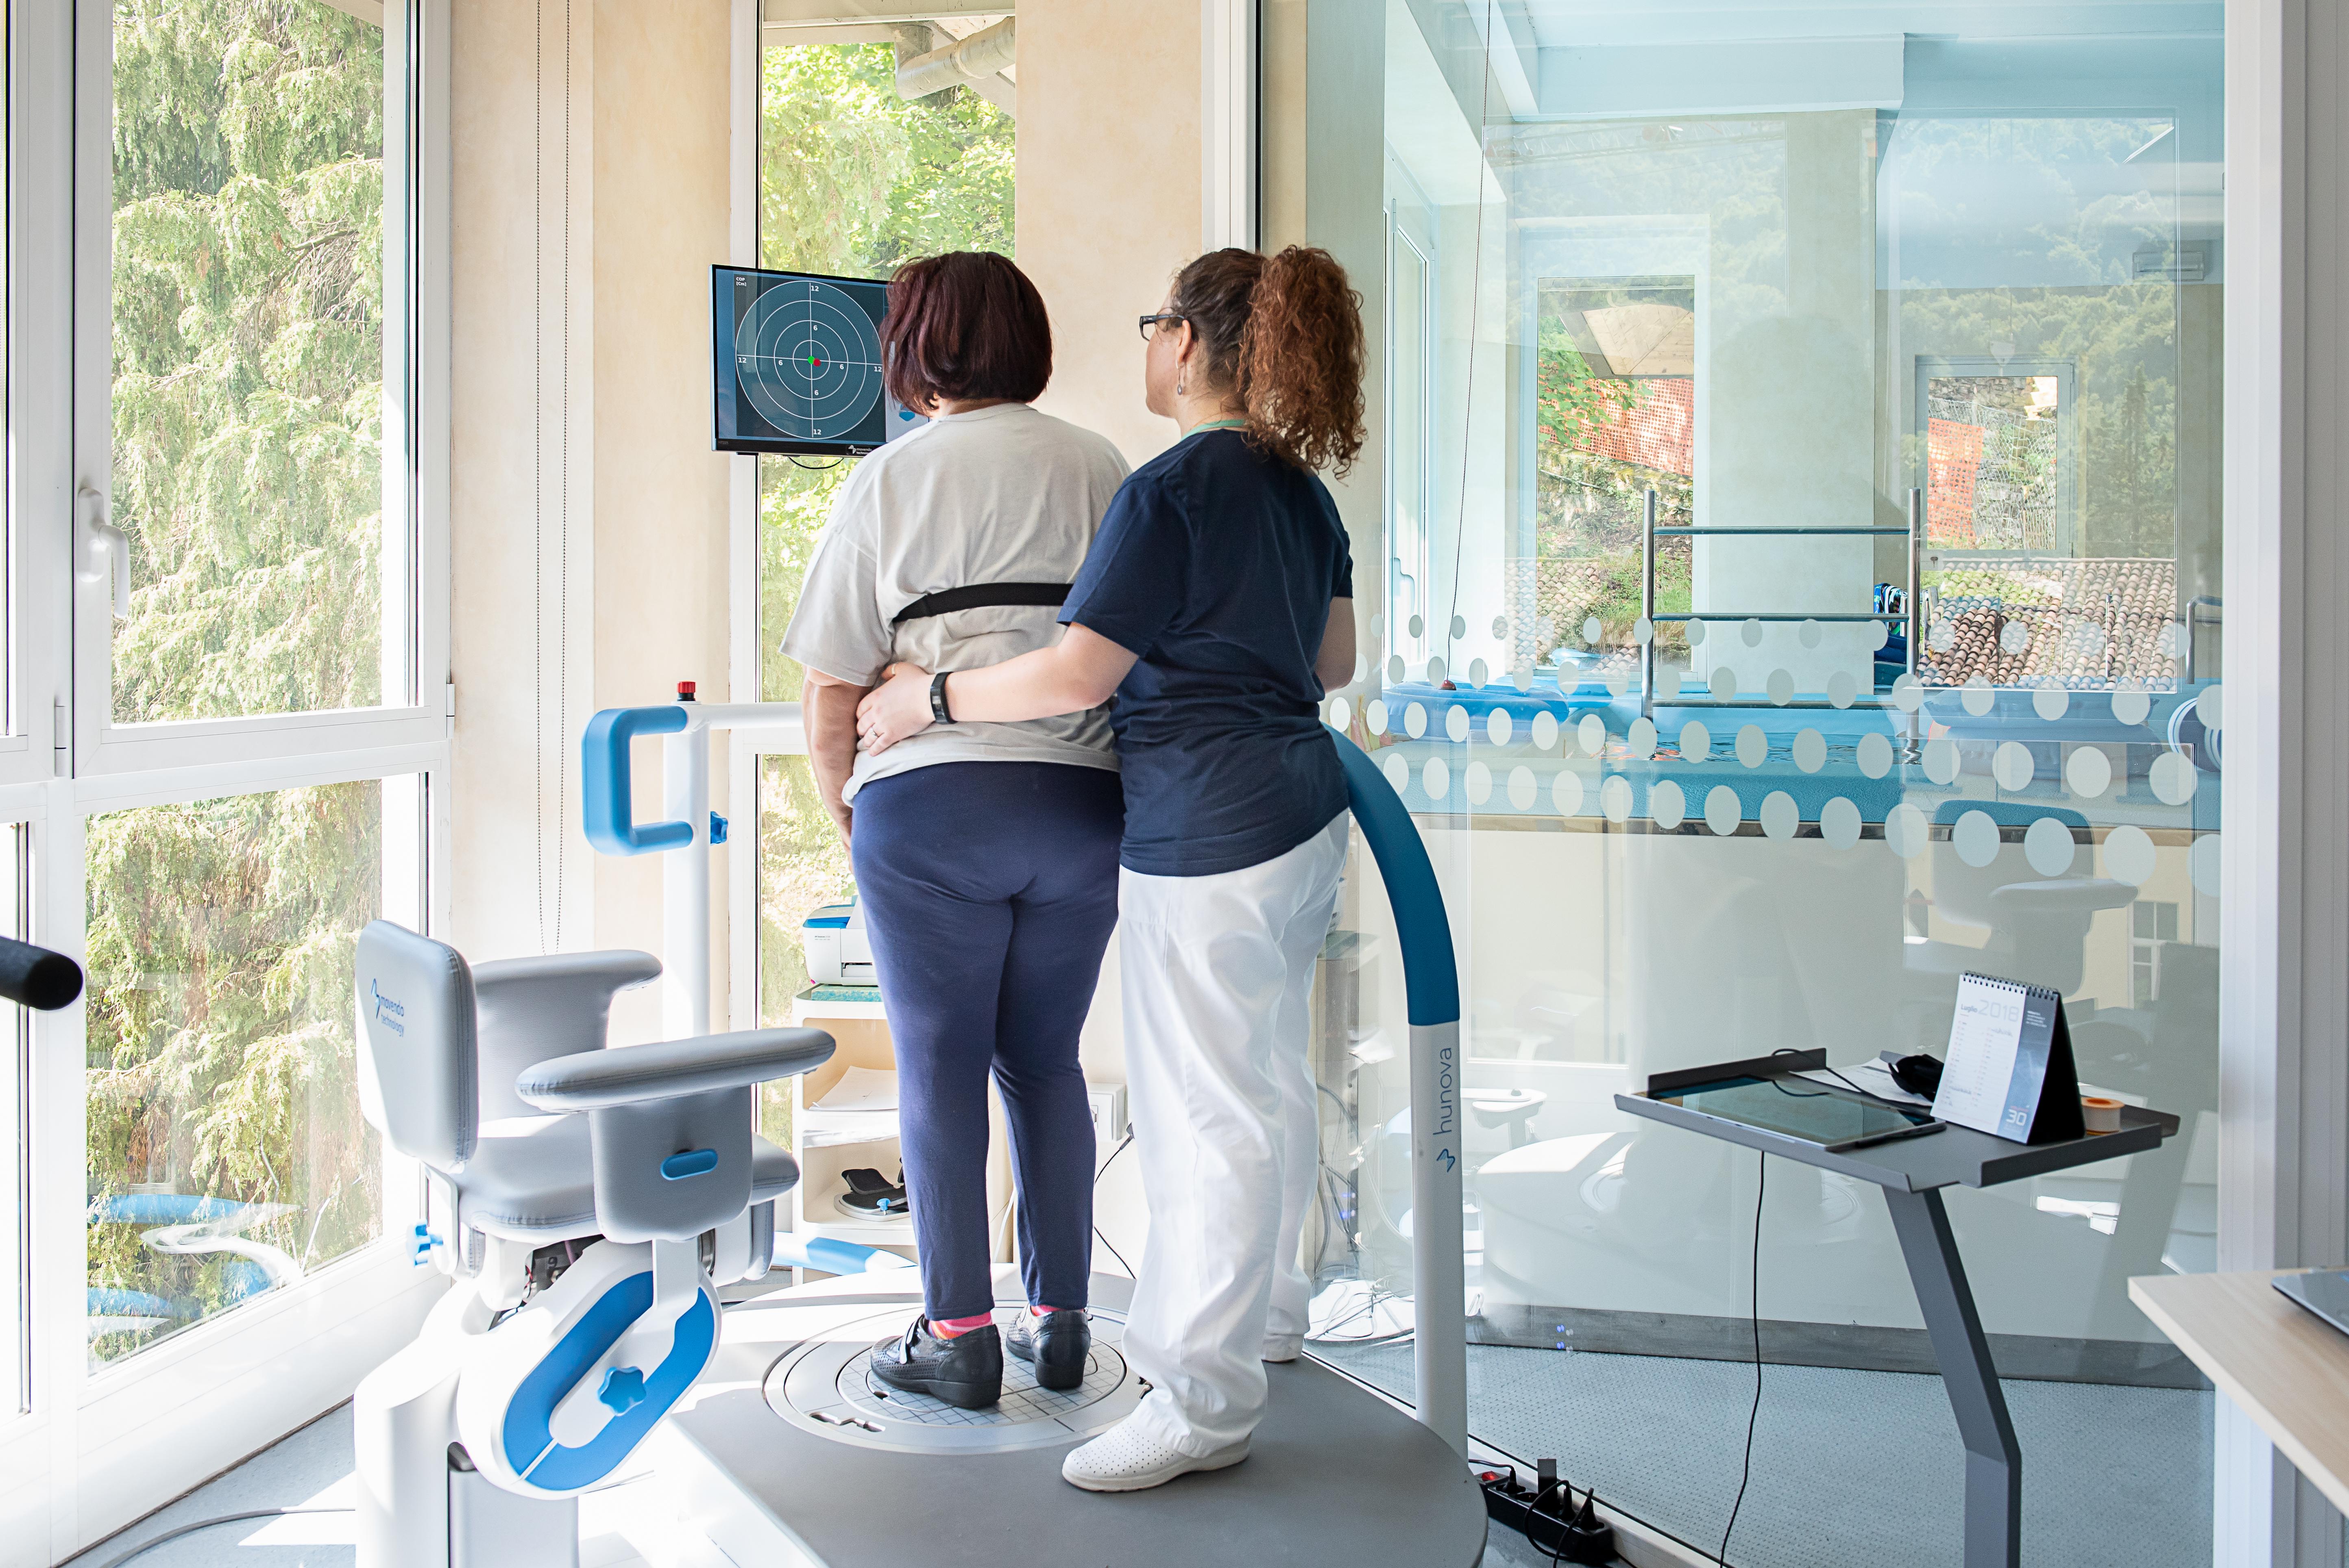 riabilitazione-neuromotoria-3